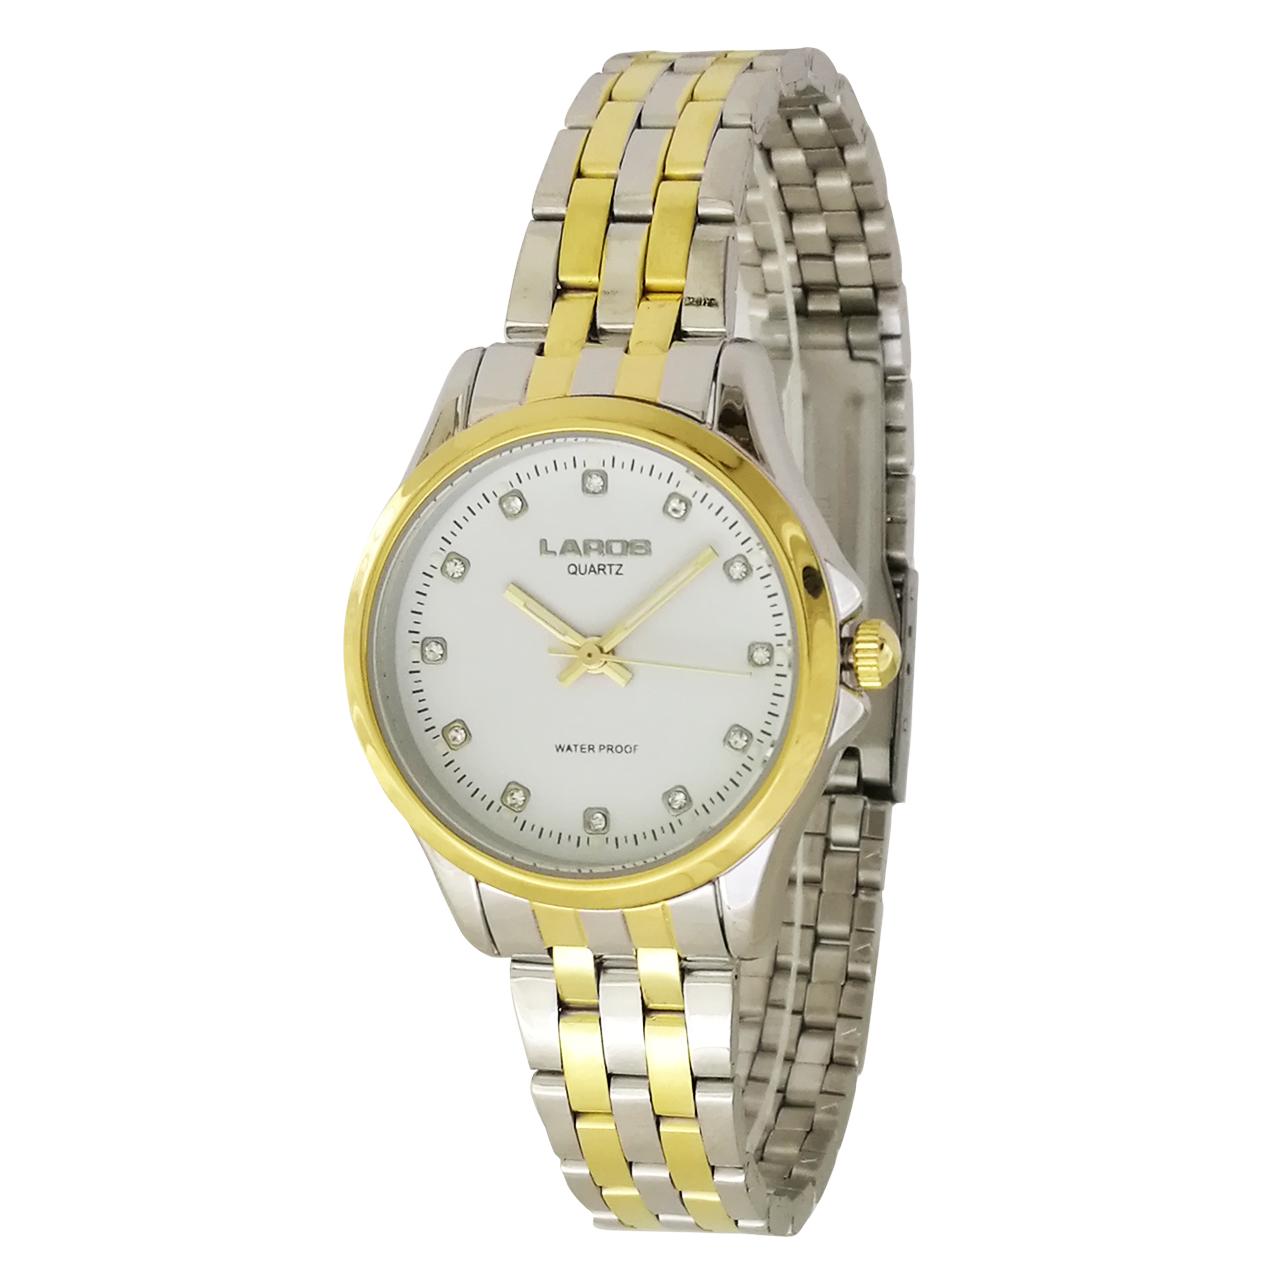 خرید ساعت مچی عقربه ای زنانه لاروس مدل  0118-80227 به همراه دستمال مخصوص برند کلین واچ